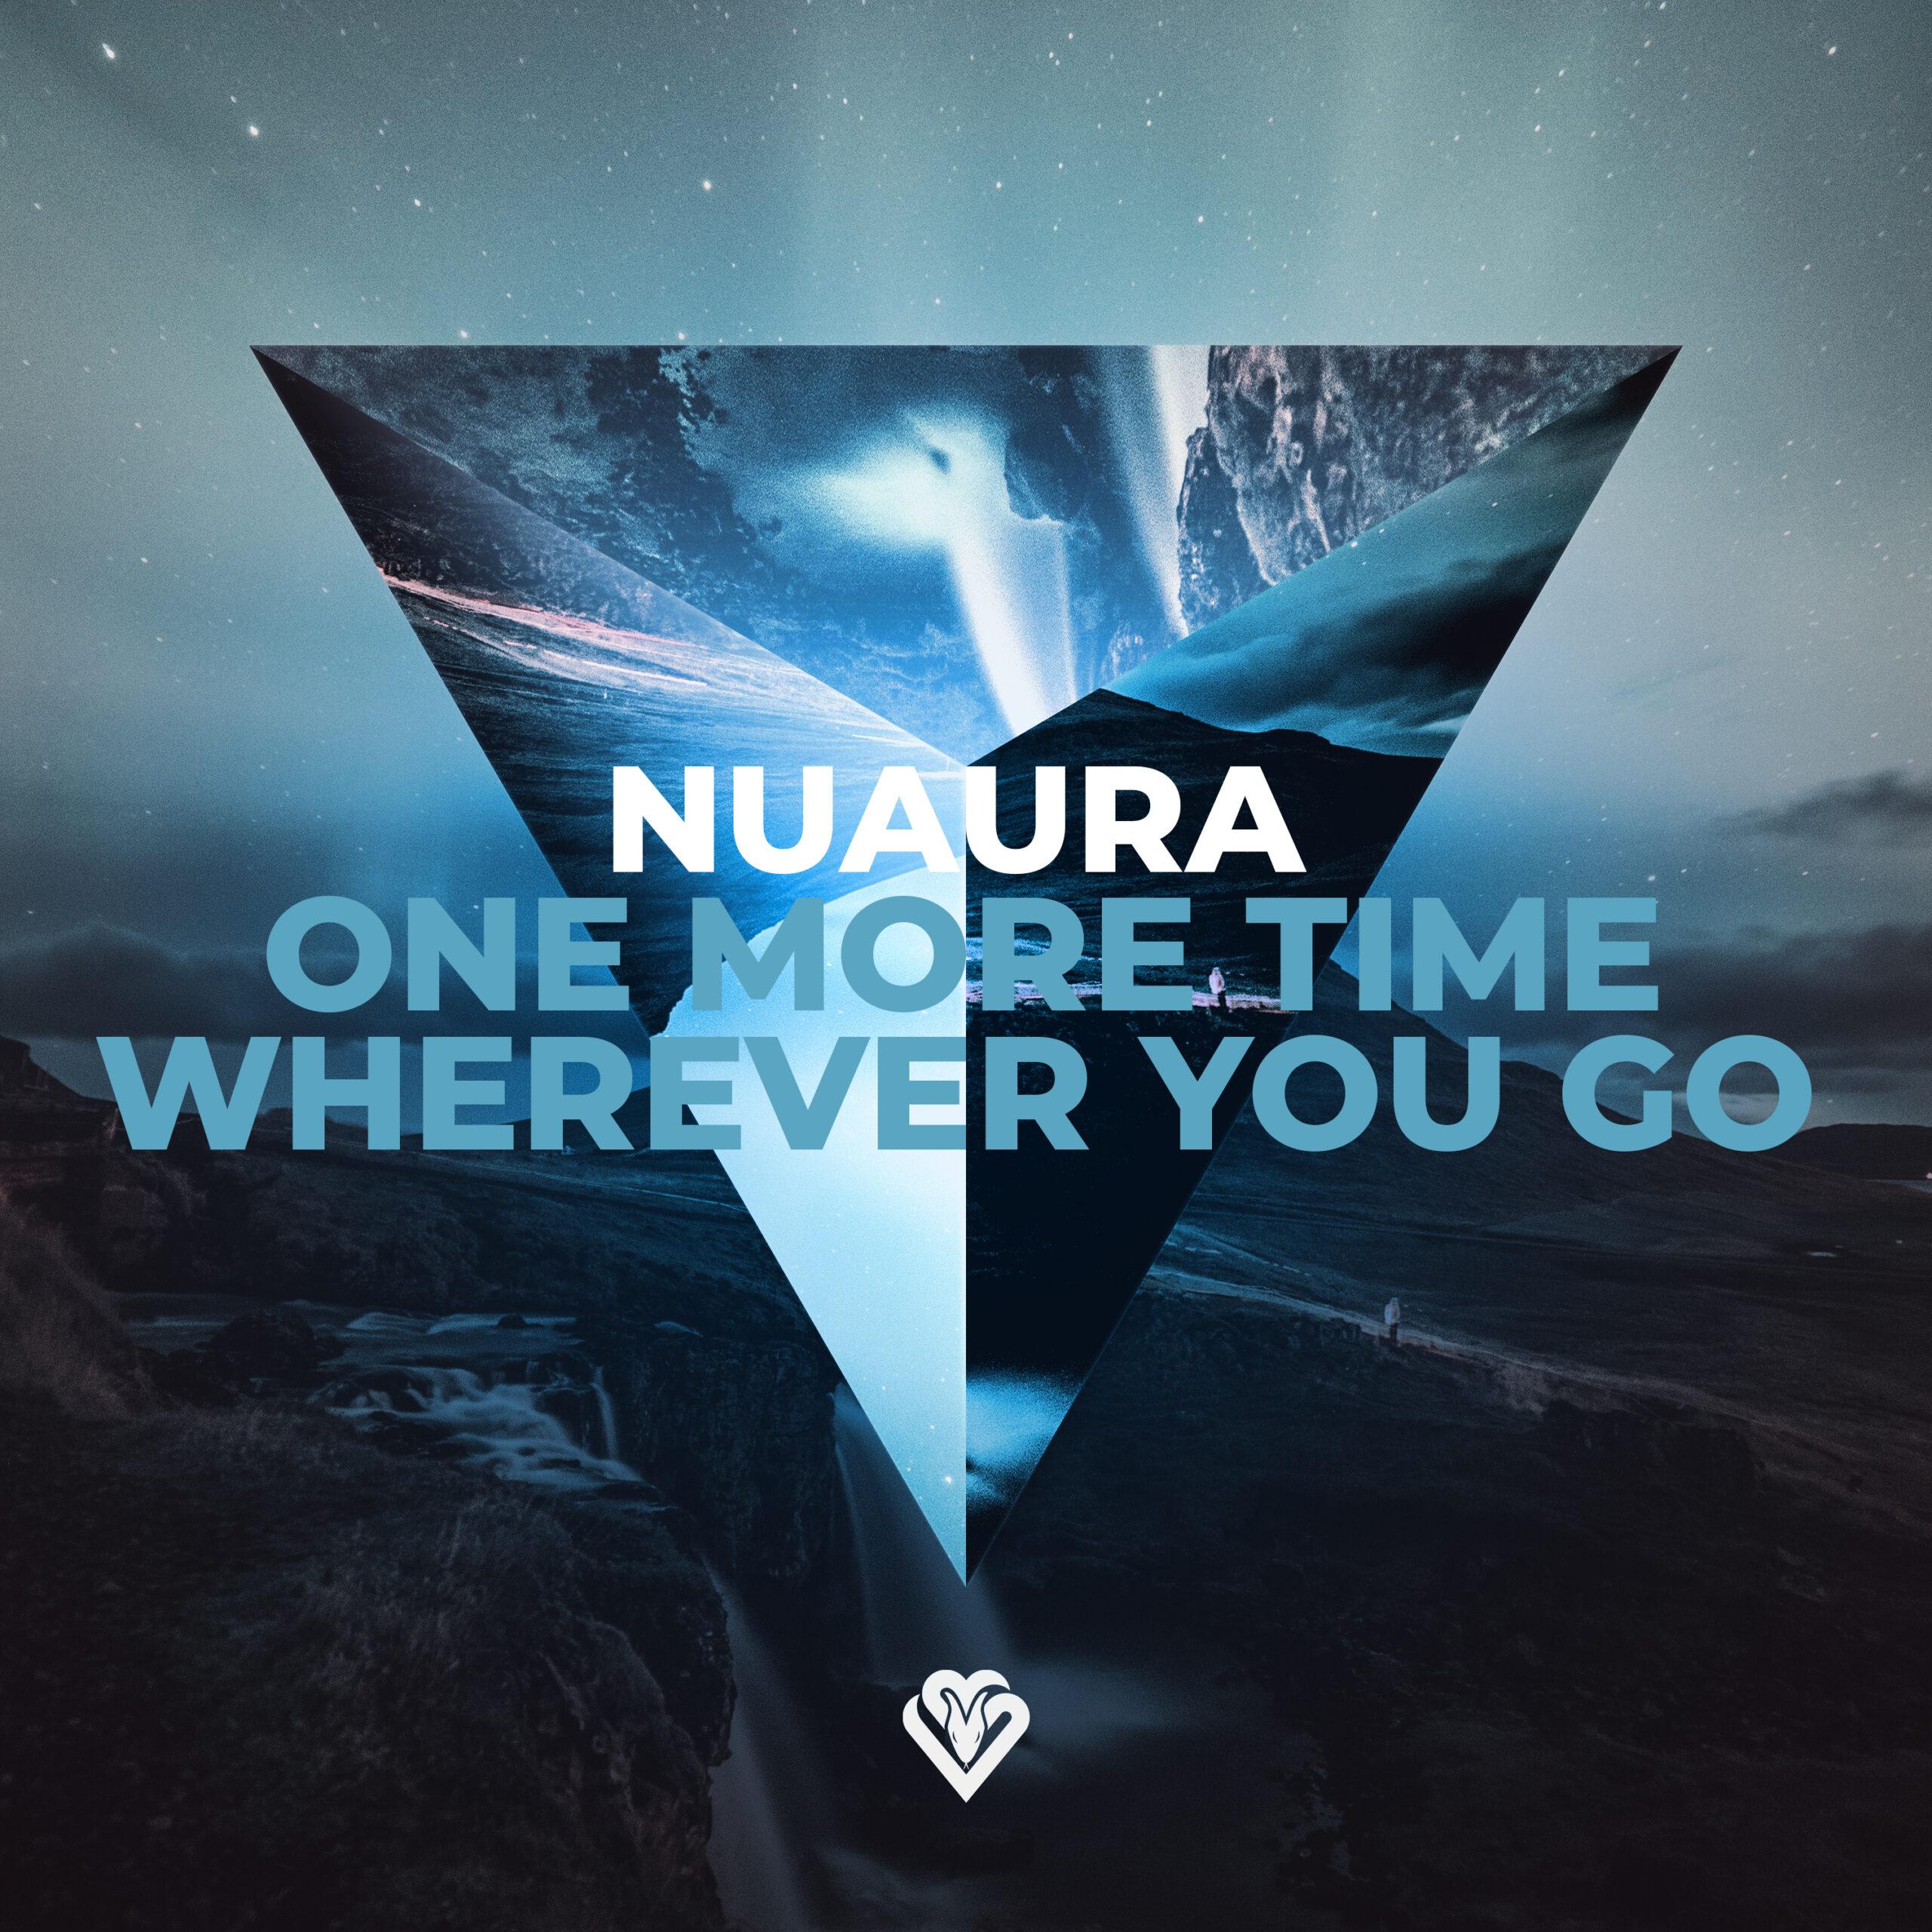 Nuaura - One More Time / Wherever You Go [VPR230]